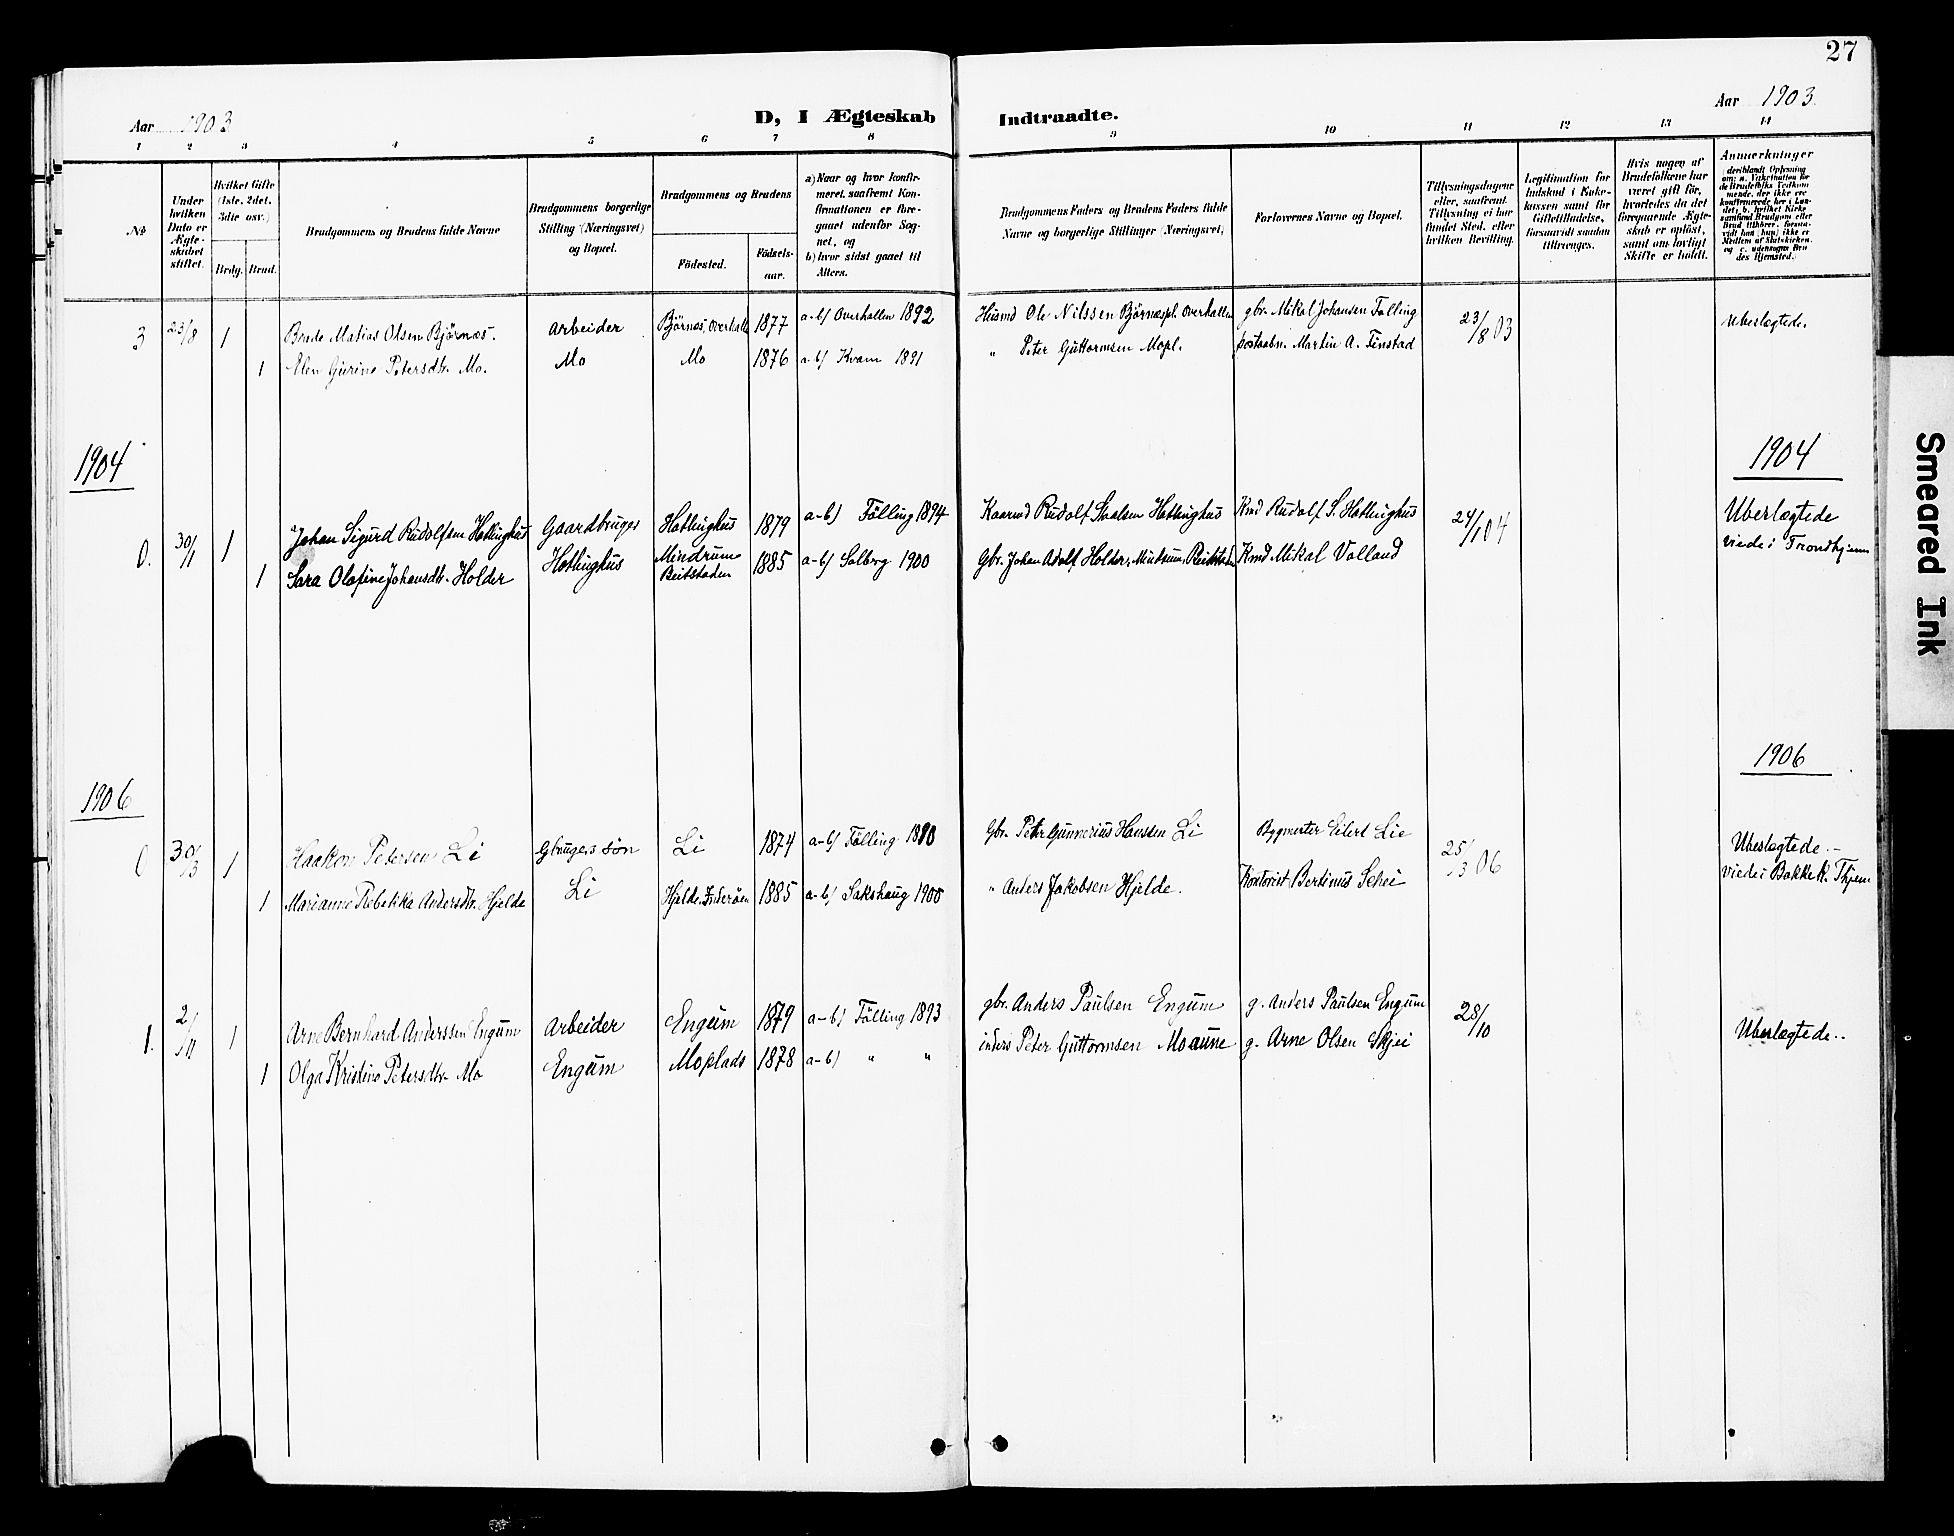 SAT, Ministerialprotokoller, klokkerbøker og fødselsregistre - Nord-Trøndelag, 748/L0464: Ministerialbok nr. 748A01, 1900-1908, s. 27